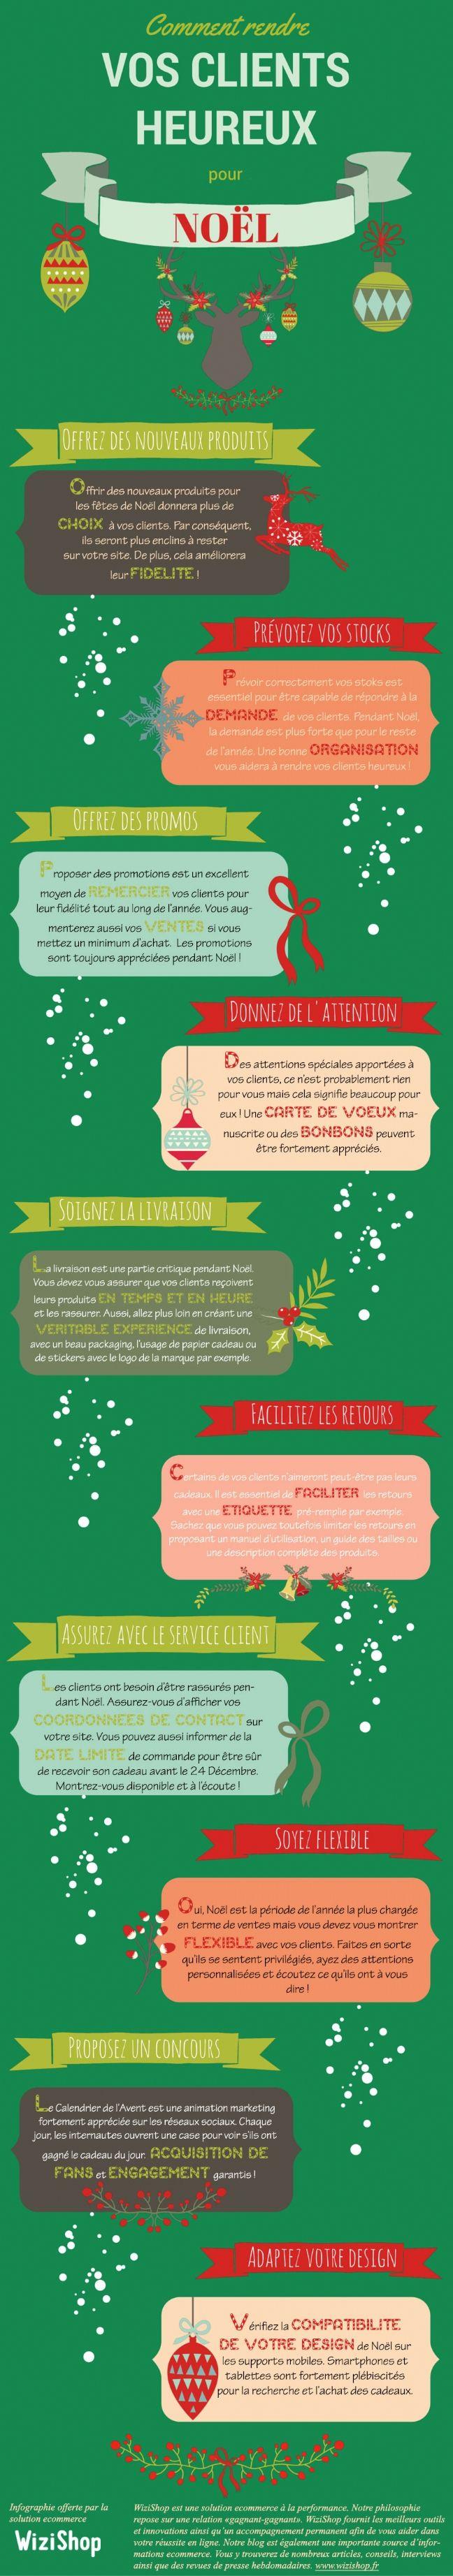 Infographie | 10 conseils pour réussir vos ventes de Noël sur le Web